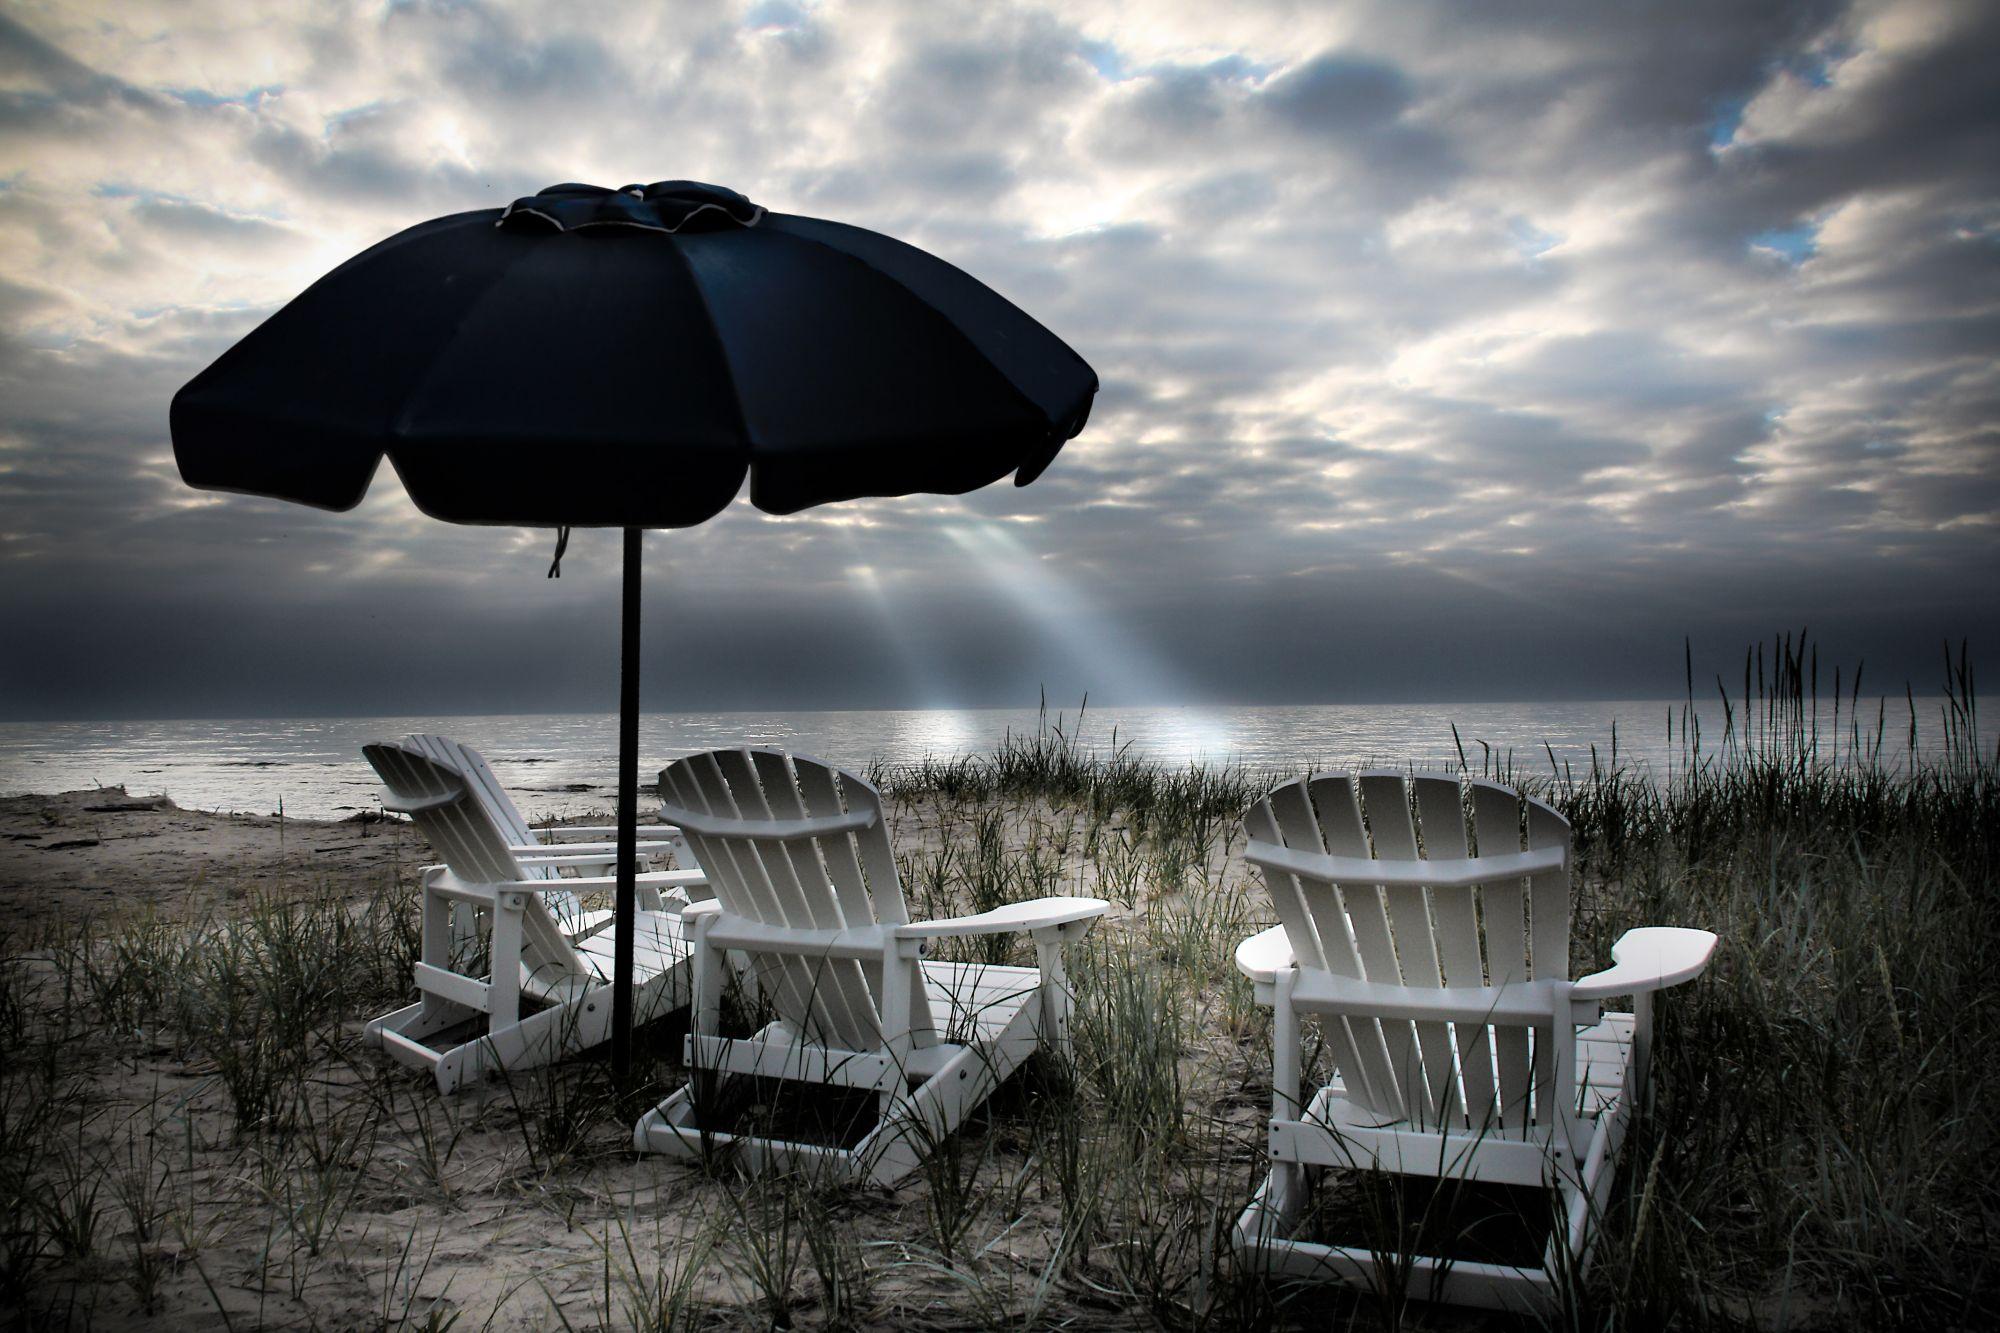 Beach Unbrealla & 4 Chairs